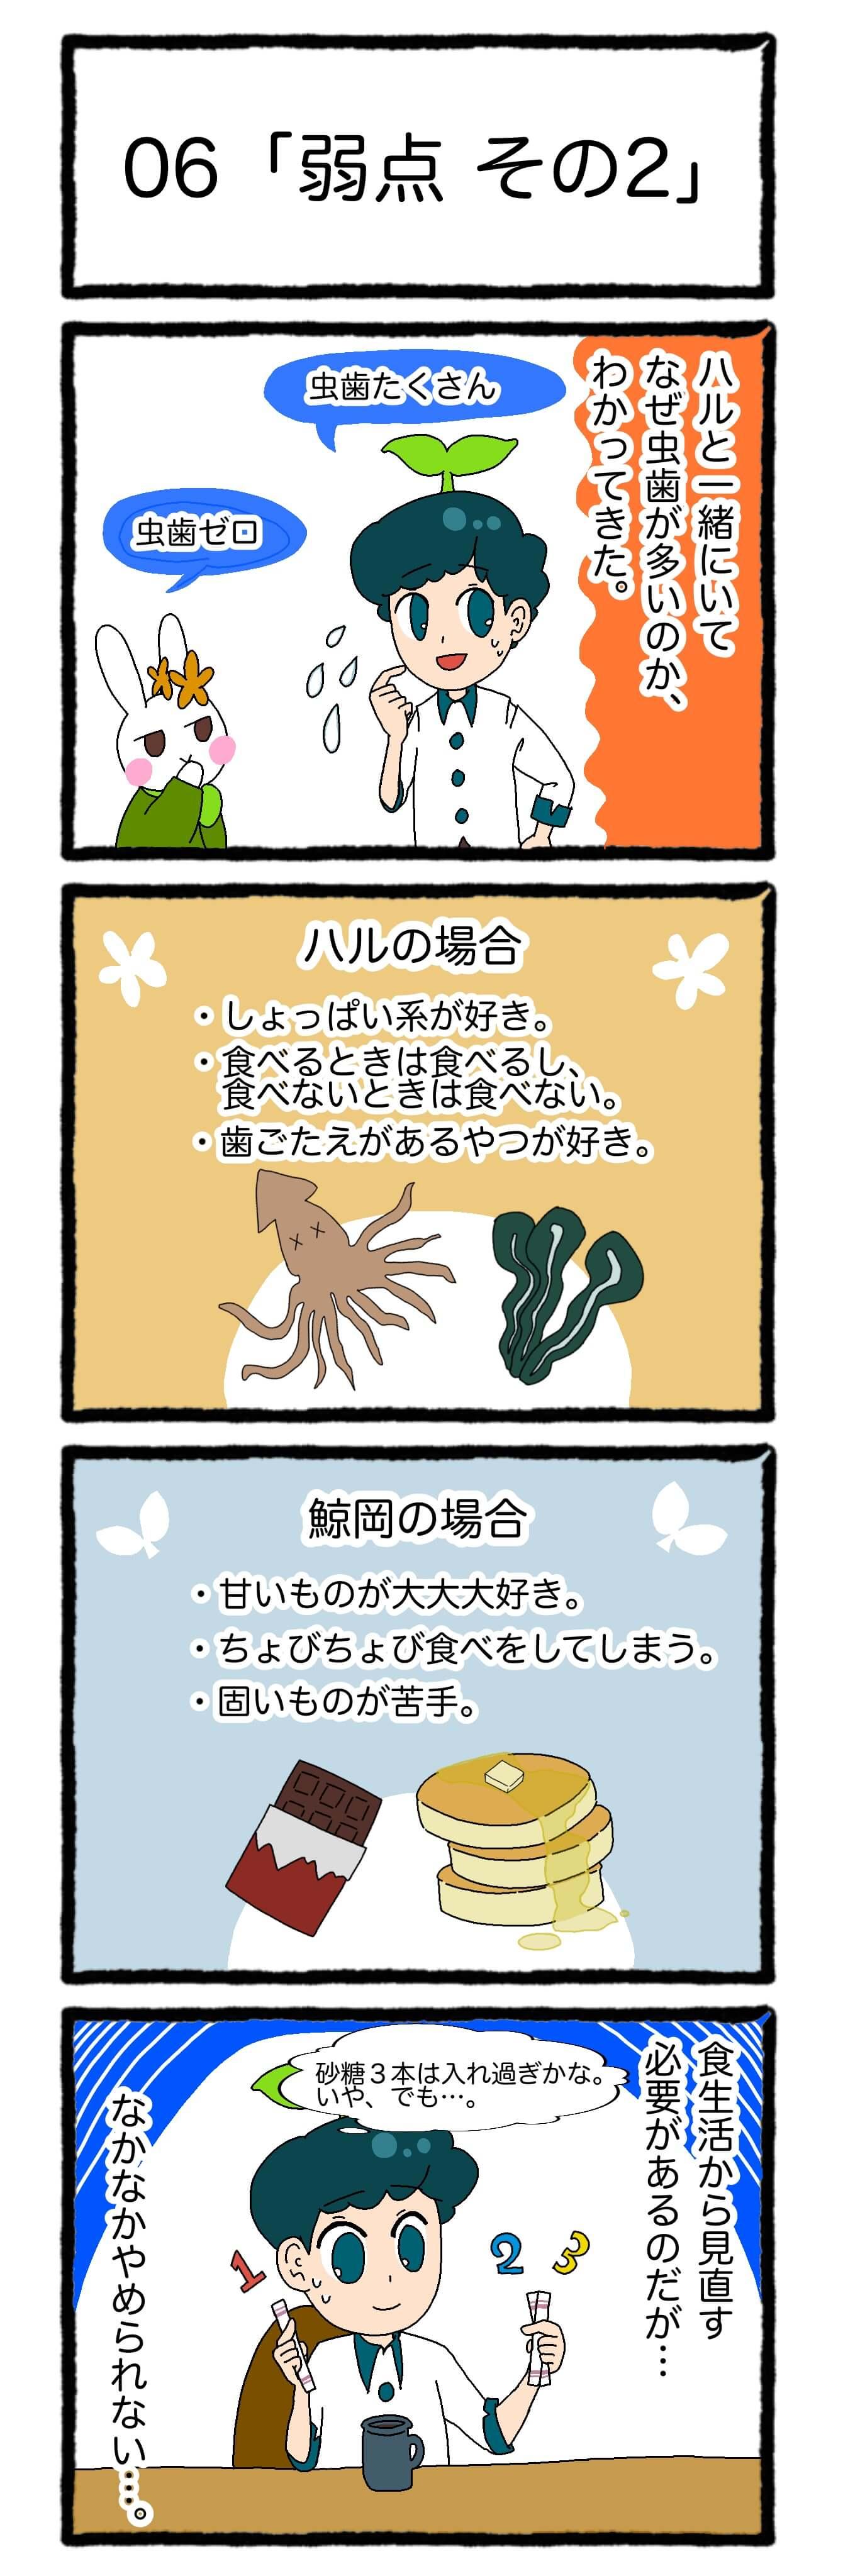 【4コマ漫画】ハルさんと。。(3)